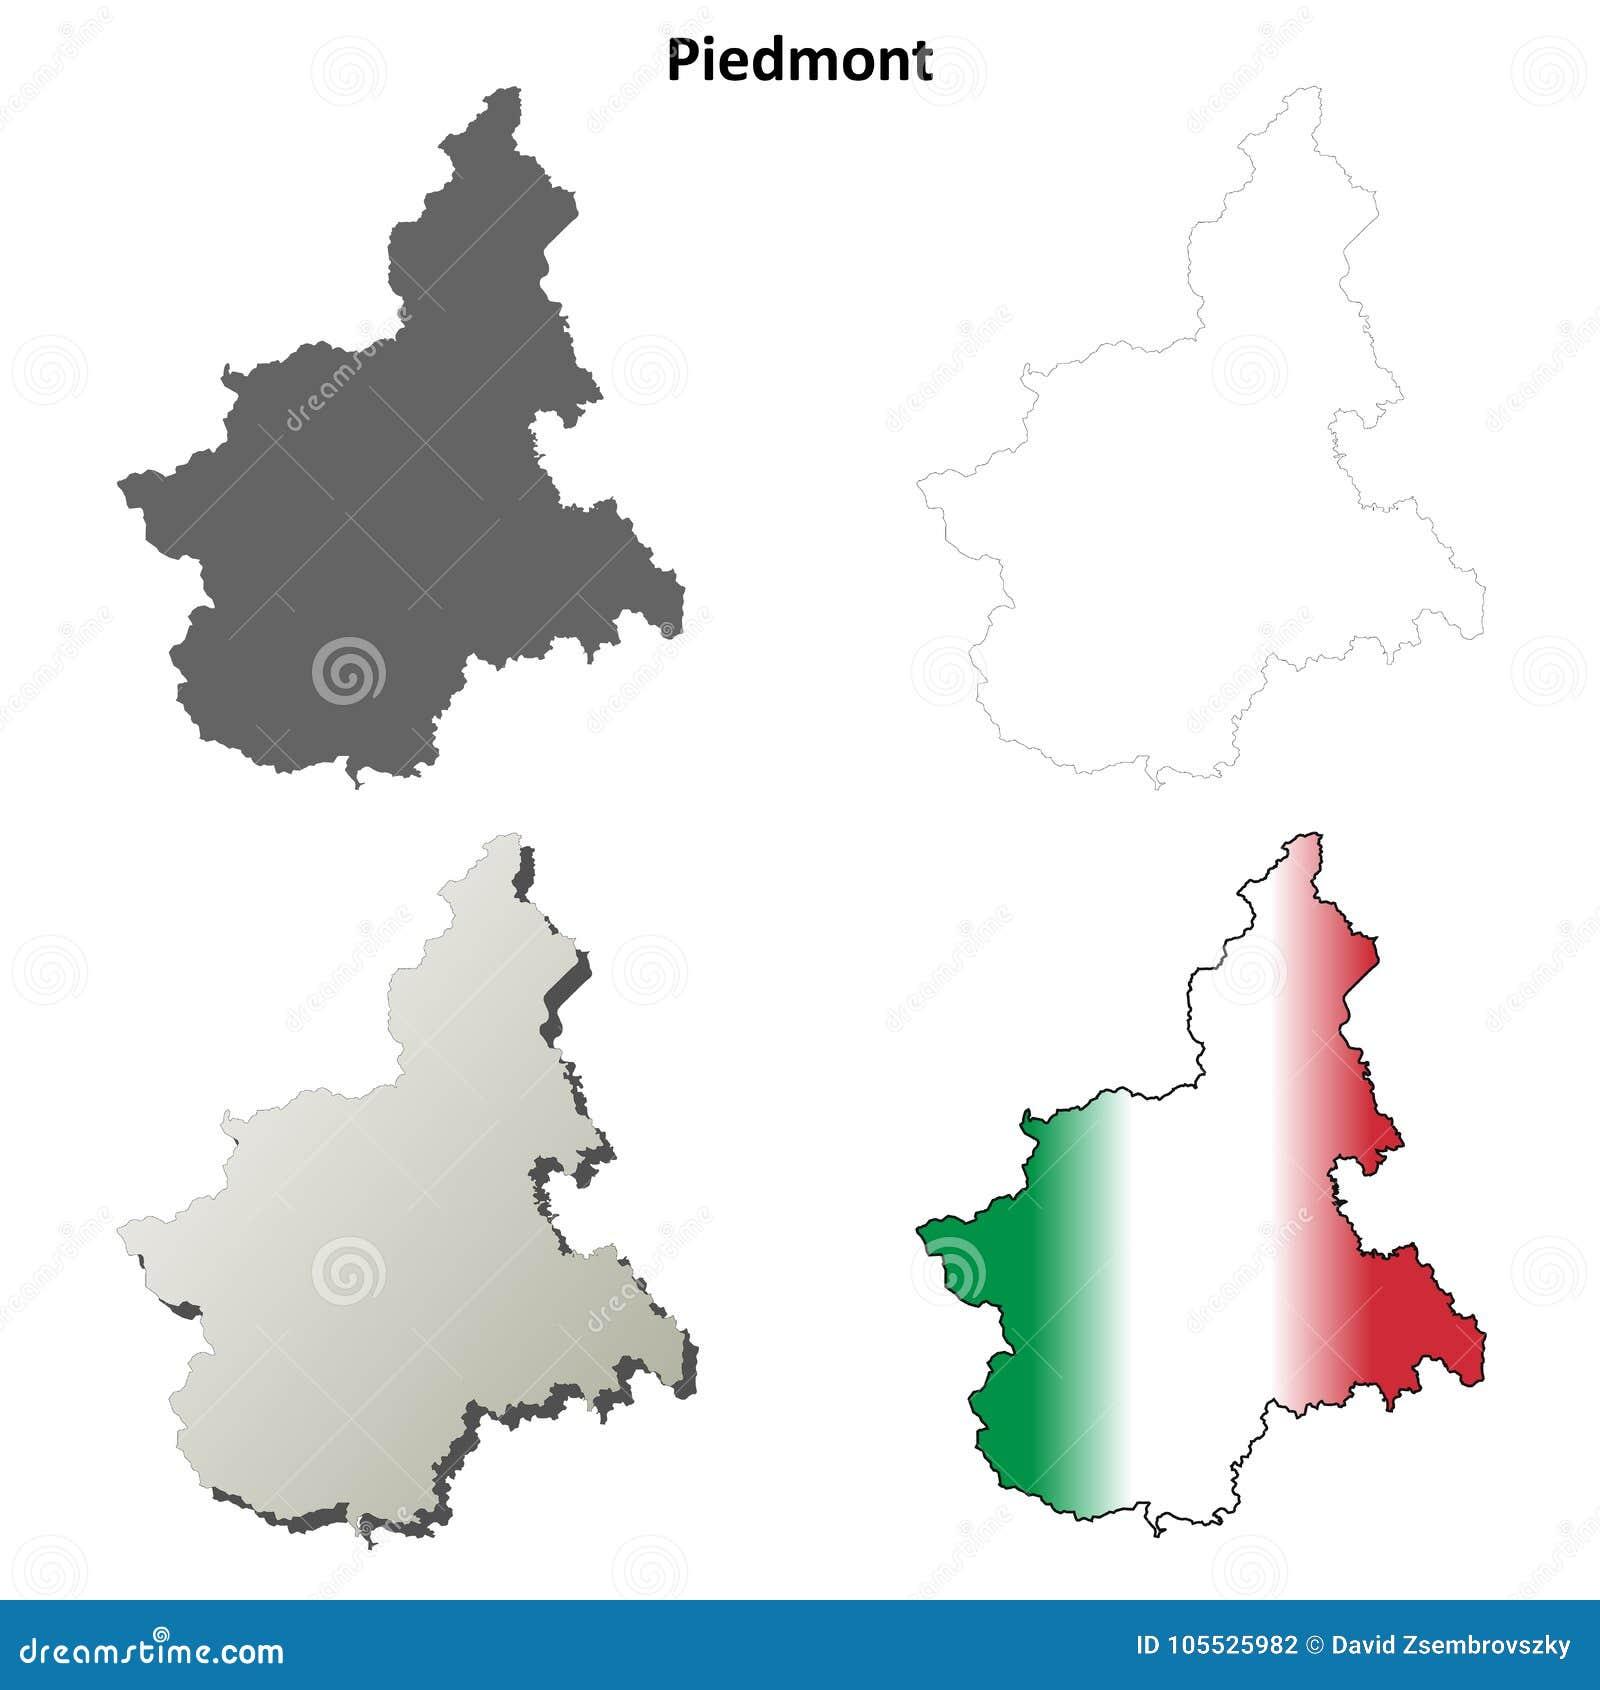 Regione Piemonte Cartina Politica.Piemonte Illustrazioni Vettoriali E Clipart Stock 673 Illustrazioni Stock